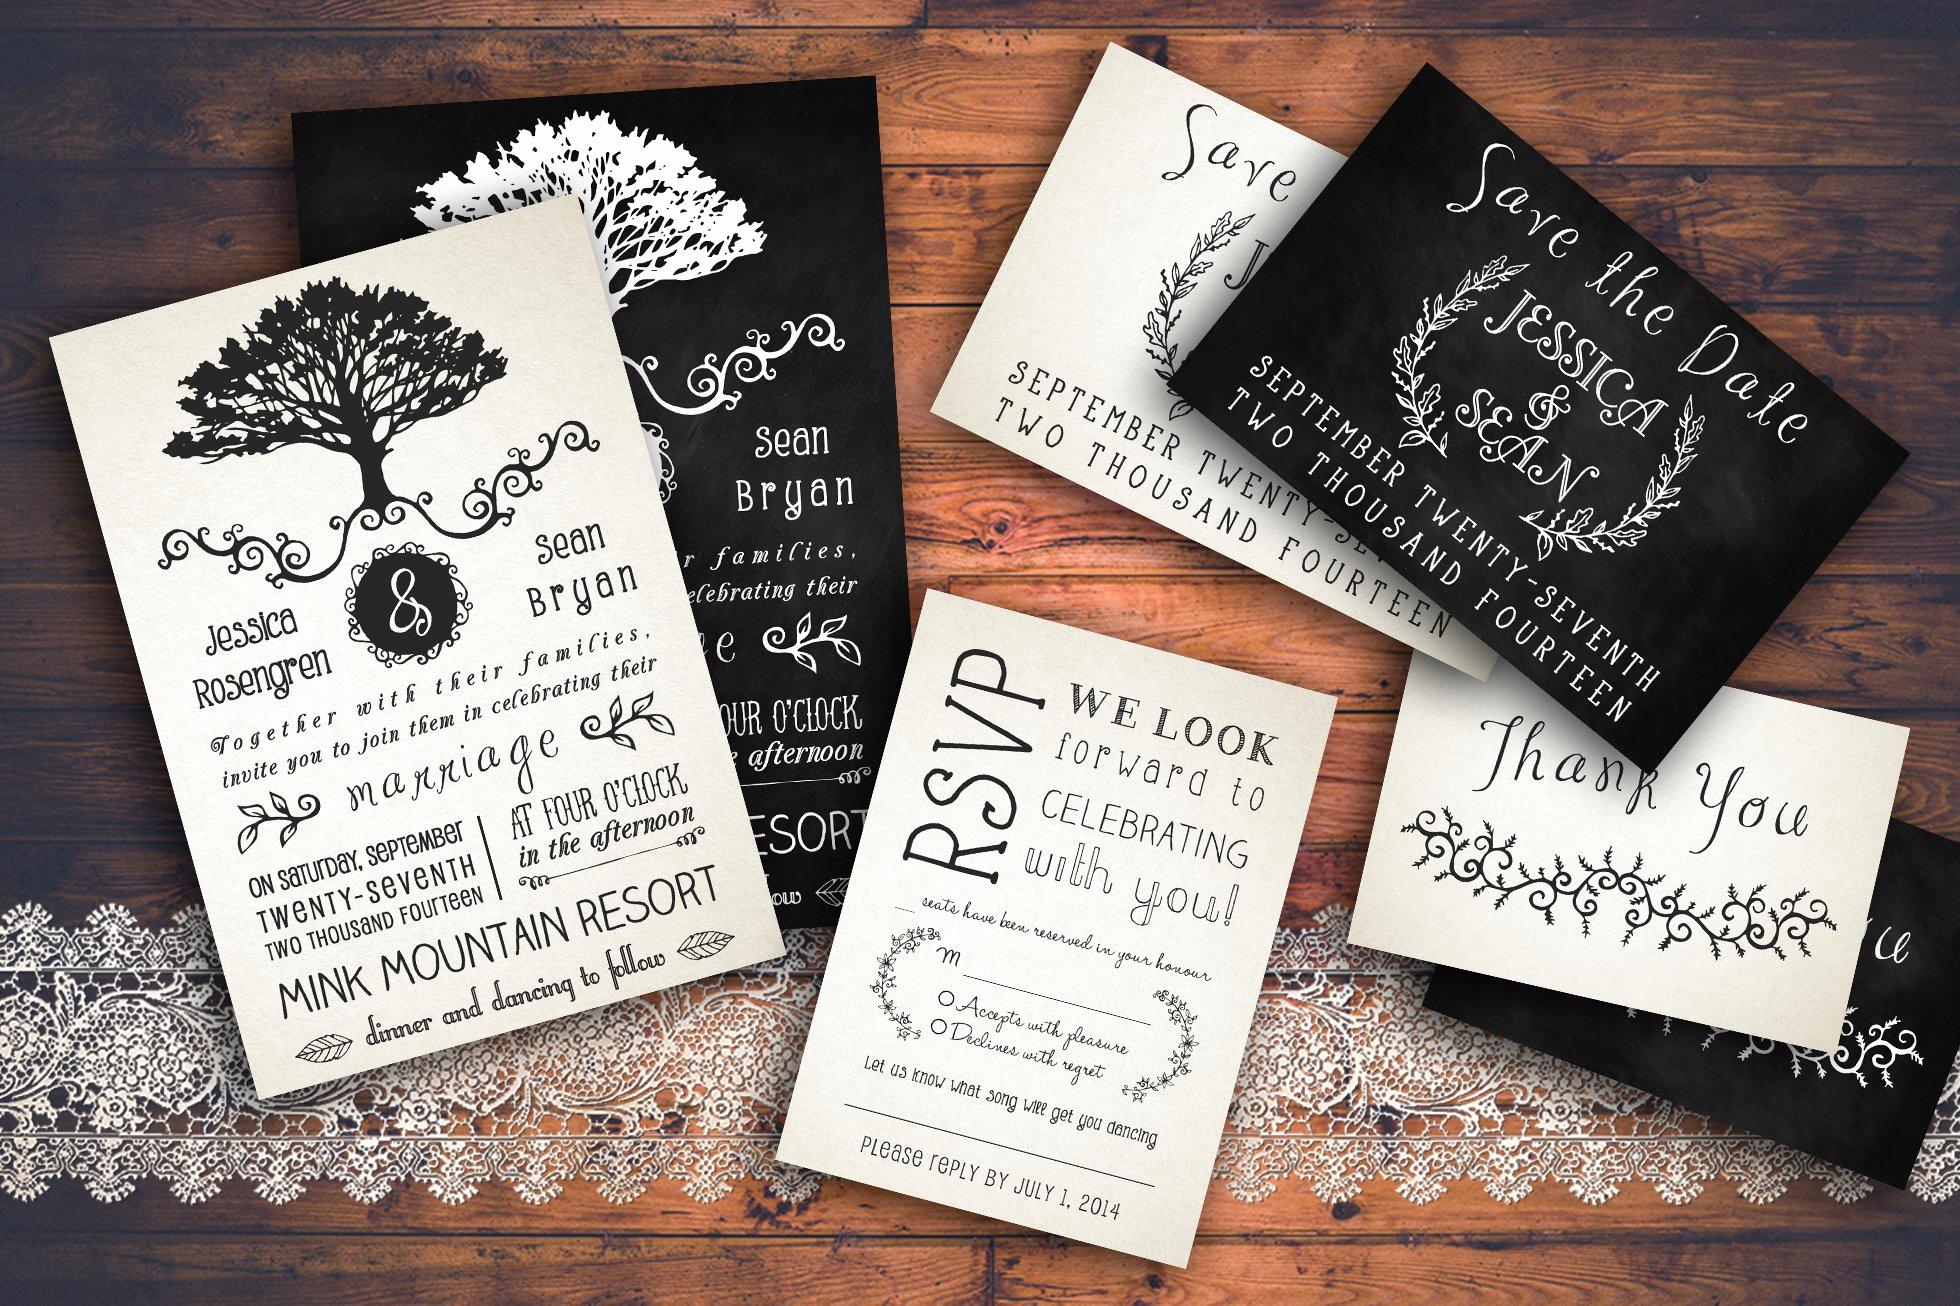 Rustic Wedding Invites Templates Fresh Rustic Wedding Invitation Pack Wedding Templates